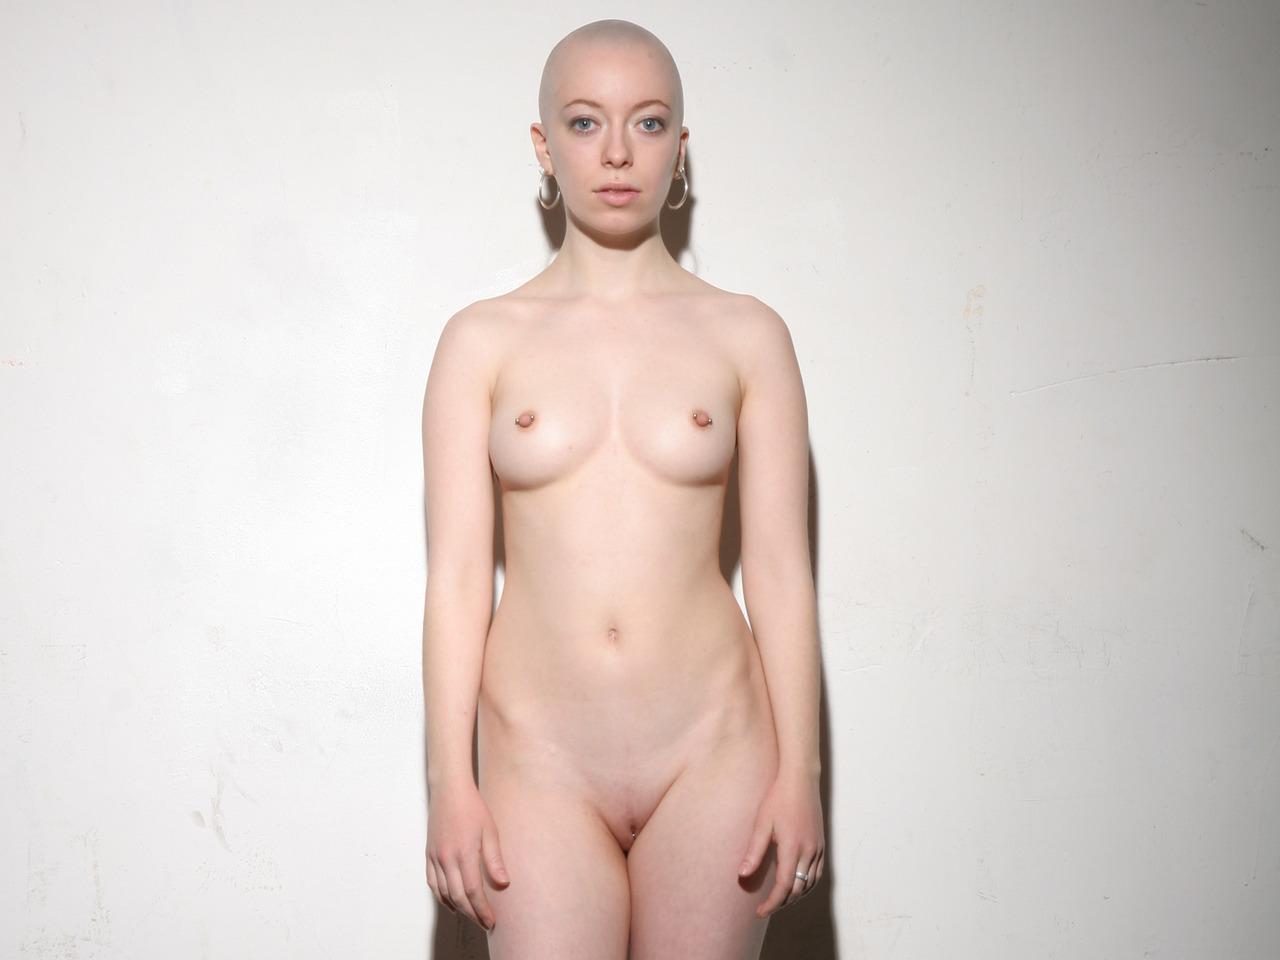 Sunny hairless naked